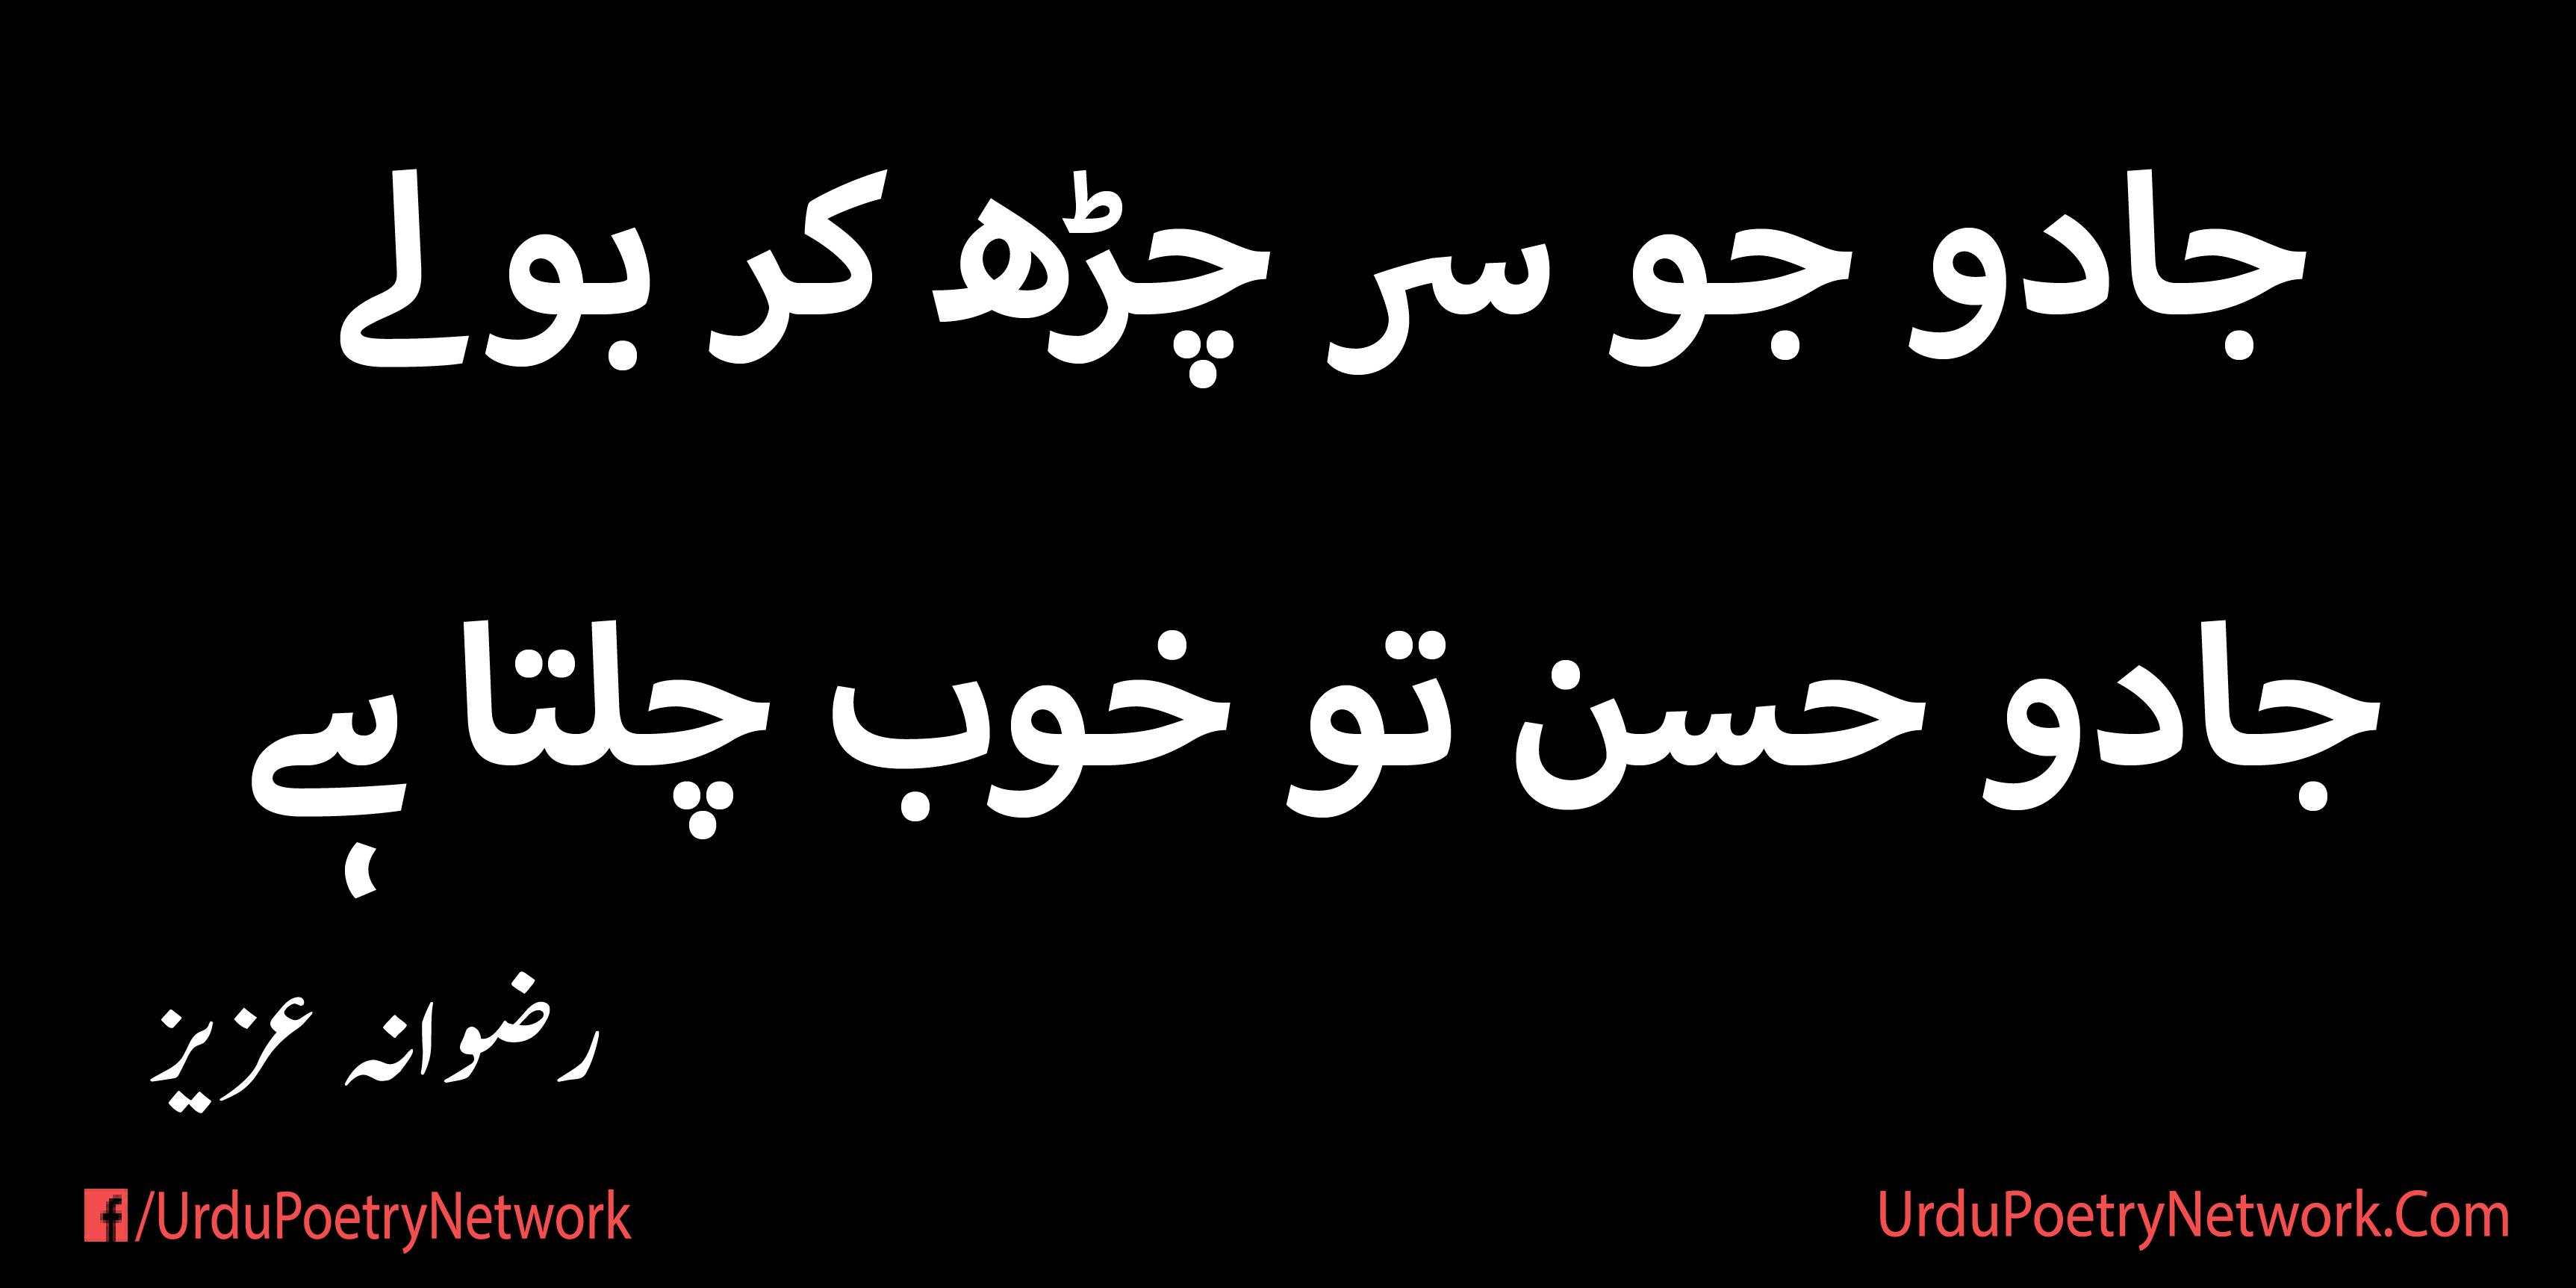 Jadoo Jo Sar Char Kar Boly